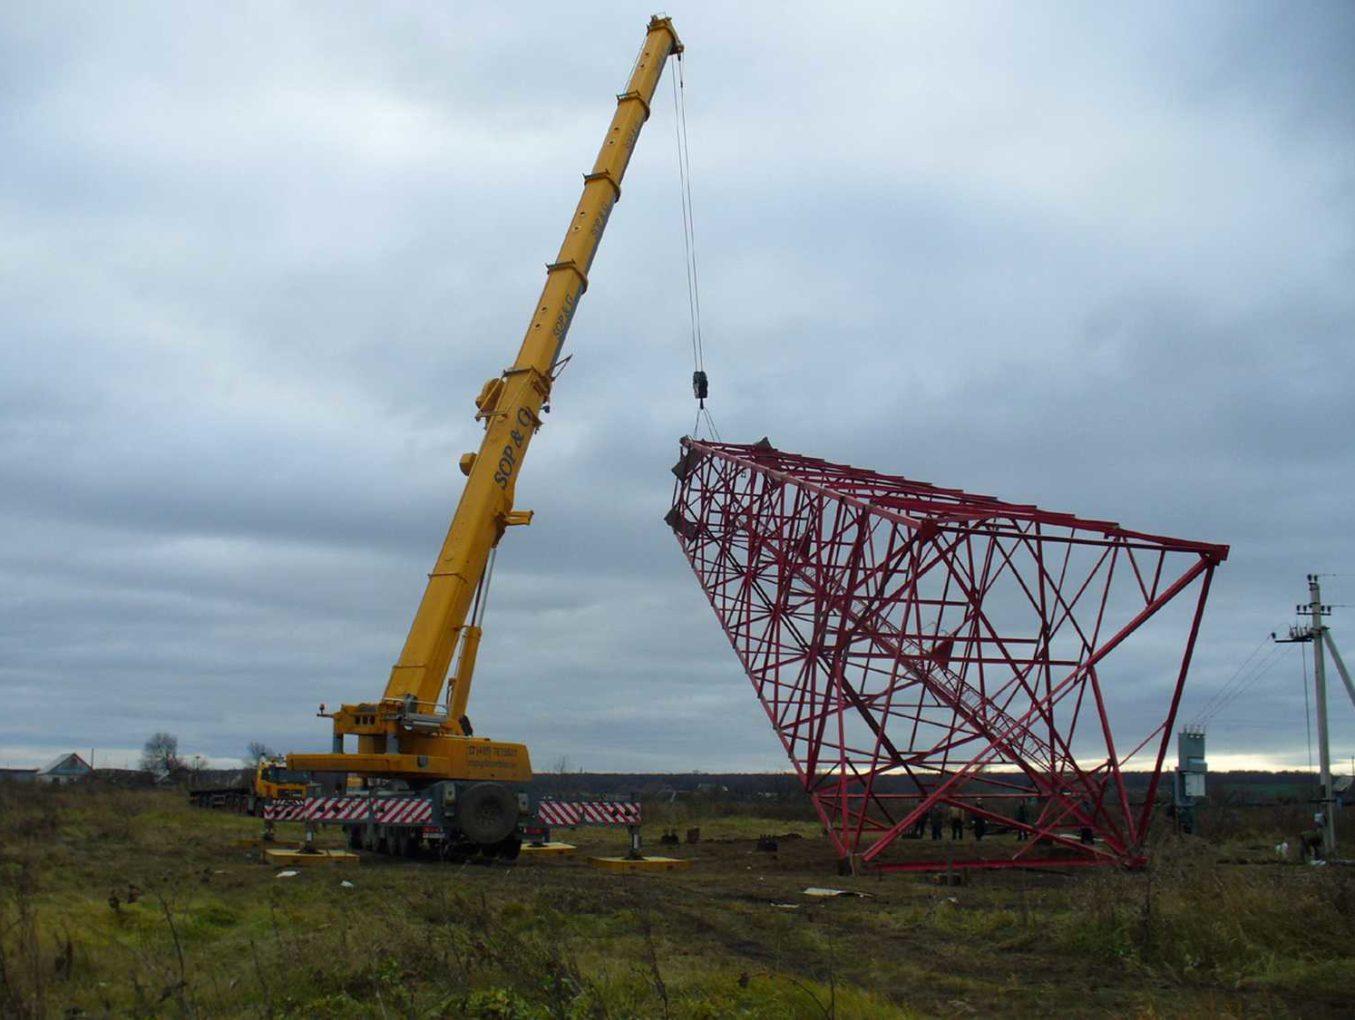 Монтаж башен связи: предварительный расчет и особенности установки башни и мачты